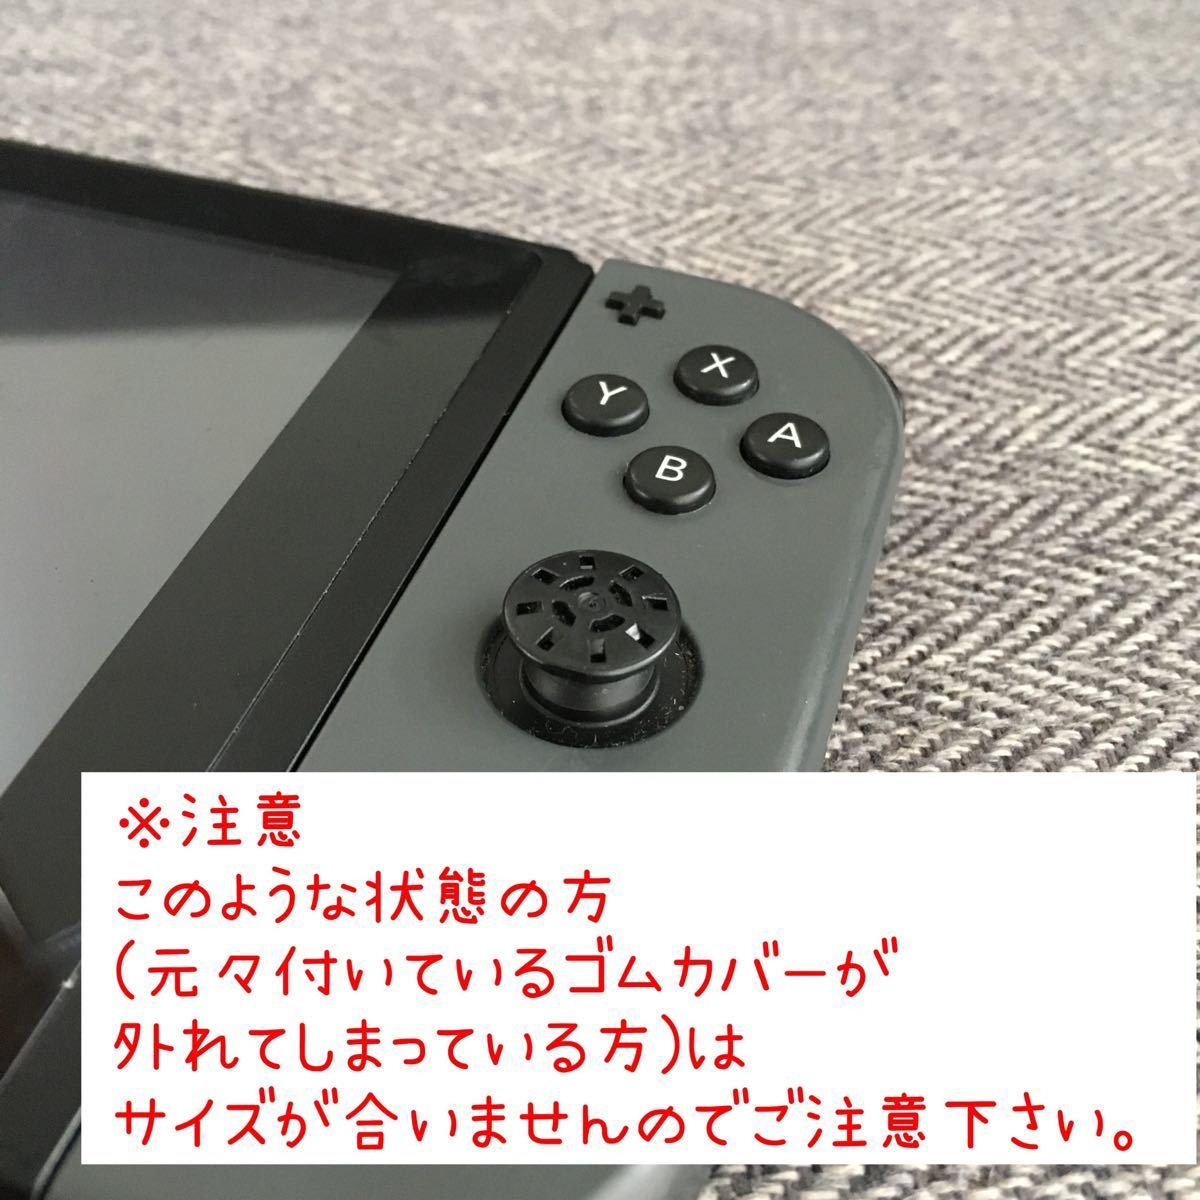 任天堂Switch ジョイコン専用 スティックカバー 2個セット【白緑】